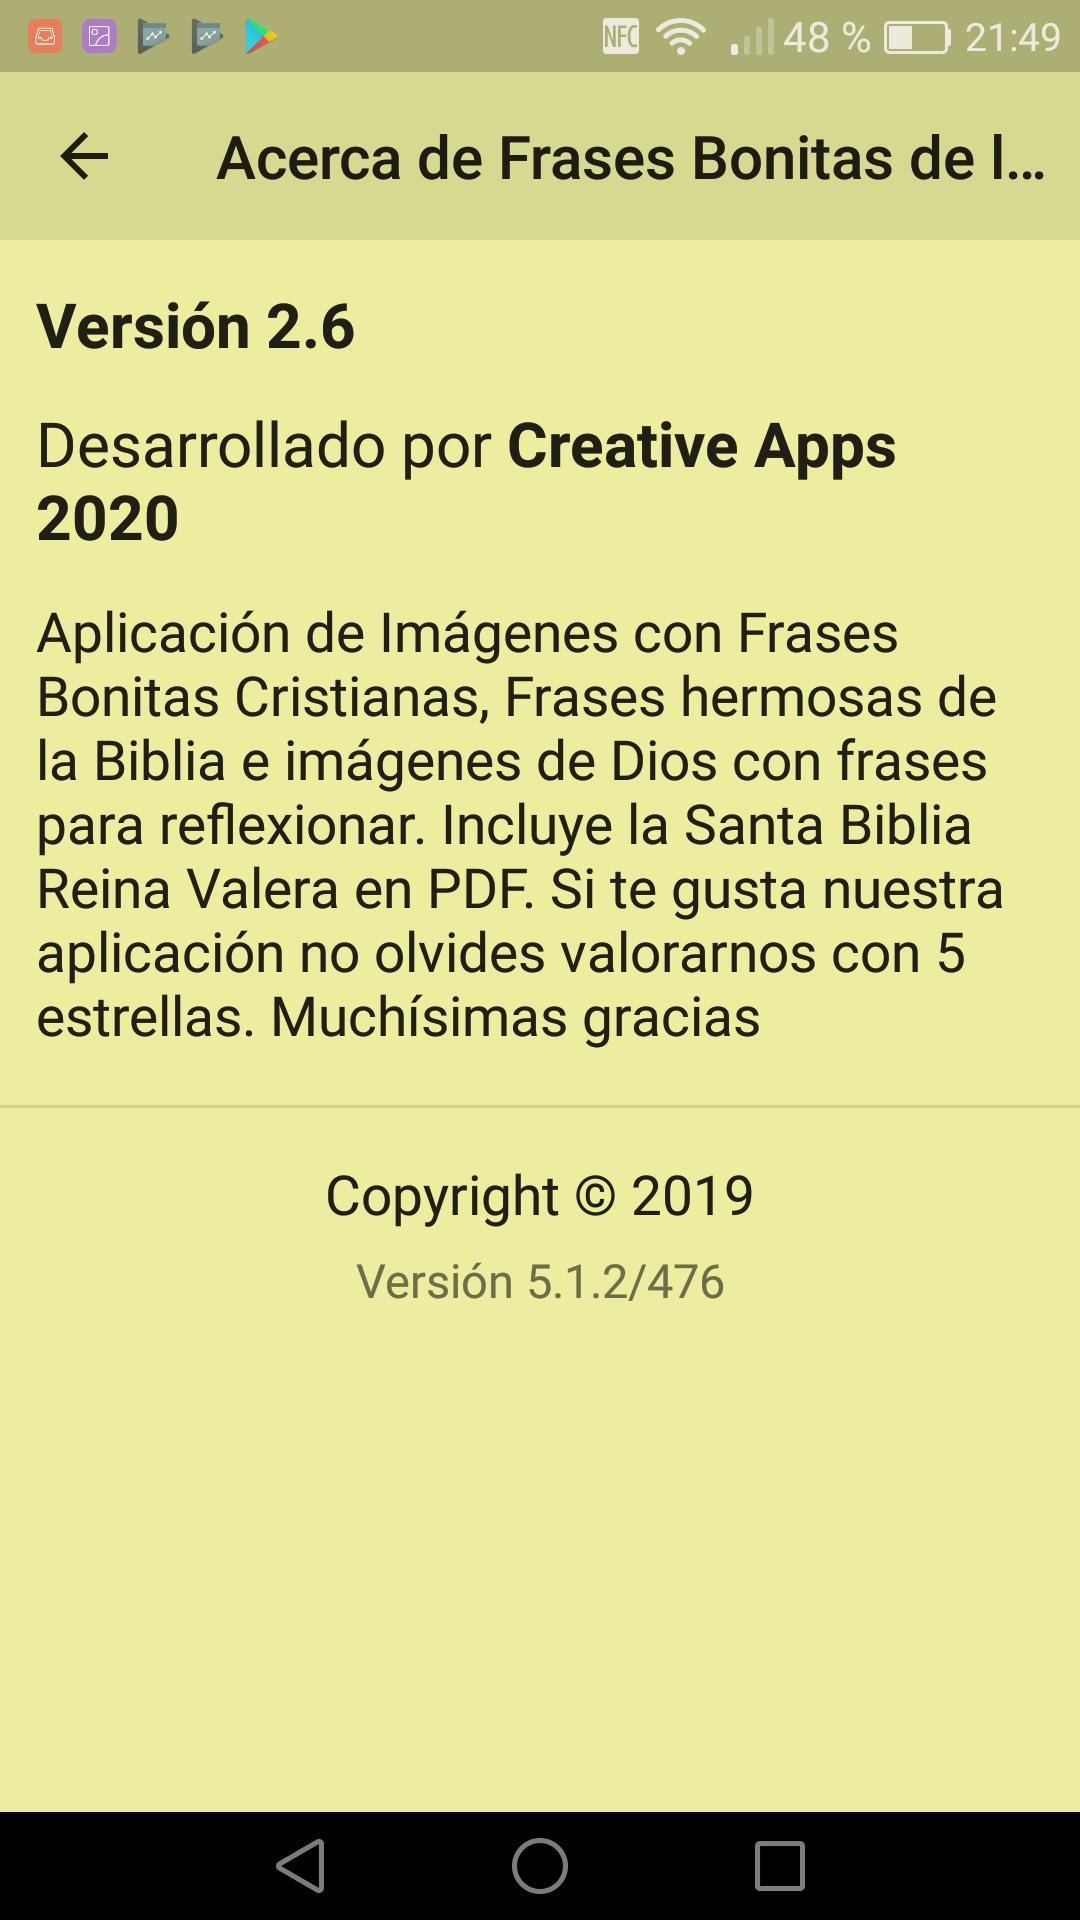 Frases Bonitas De La Biblia для андроид скачать Apk